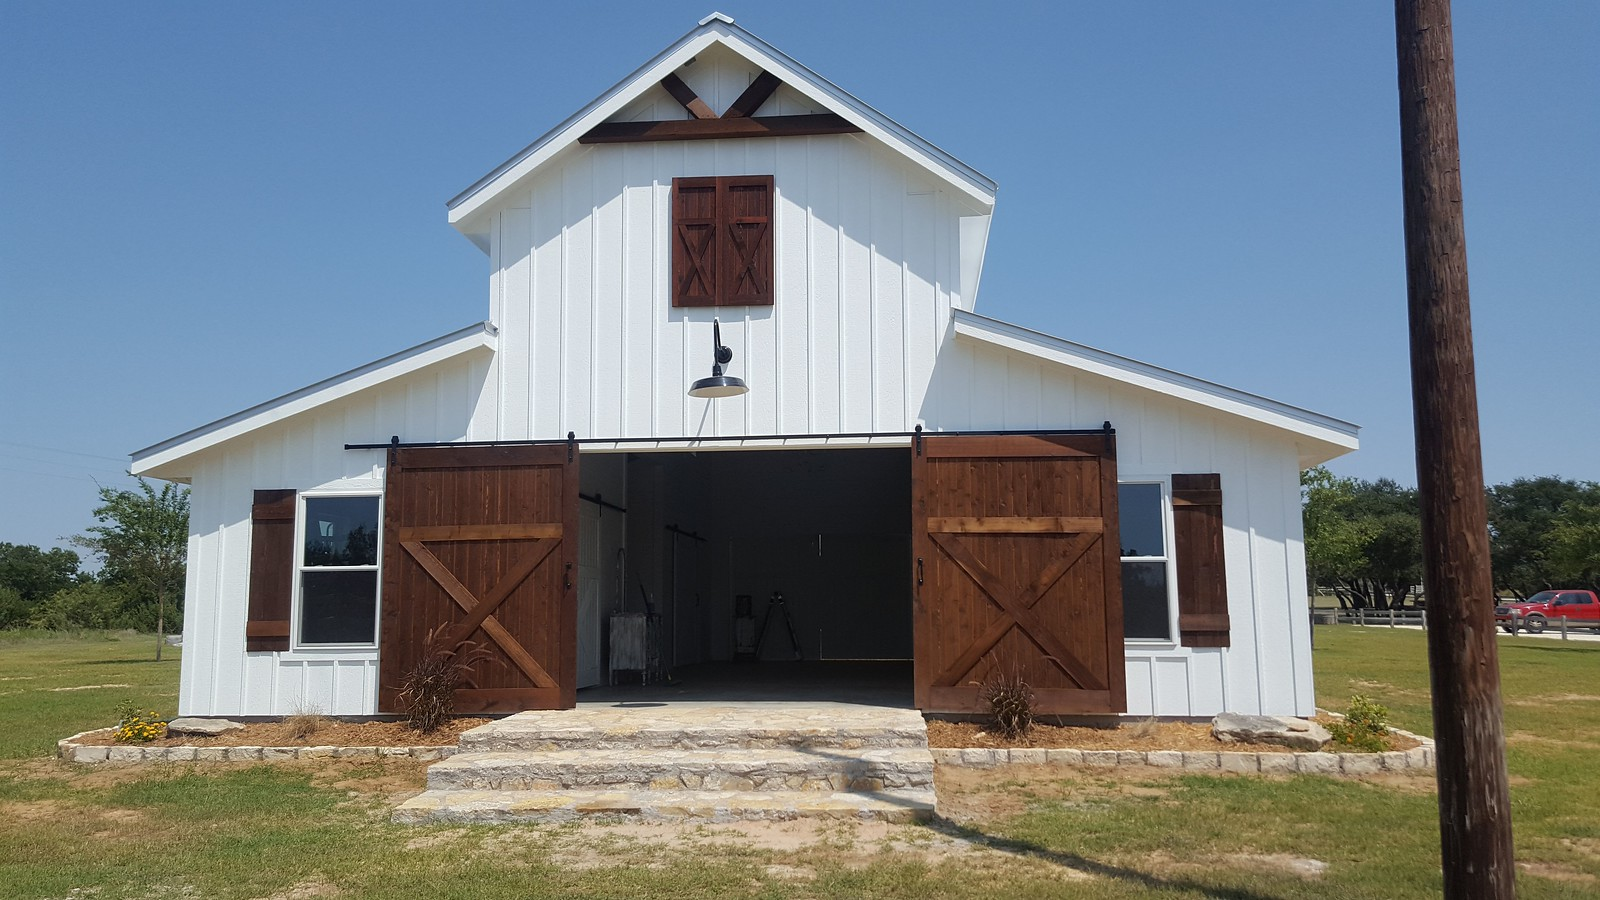 FIve Oaks Farm auxiliary barn